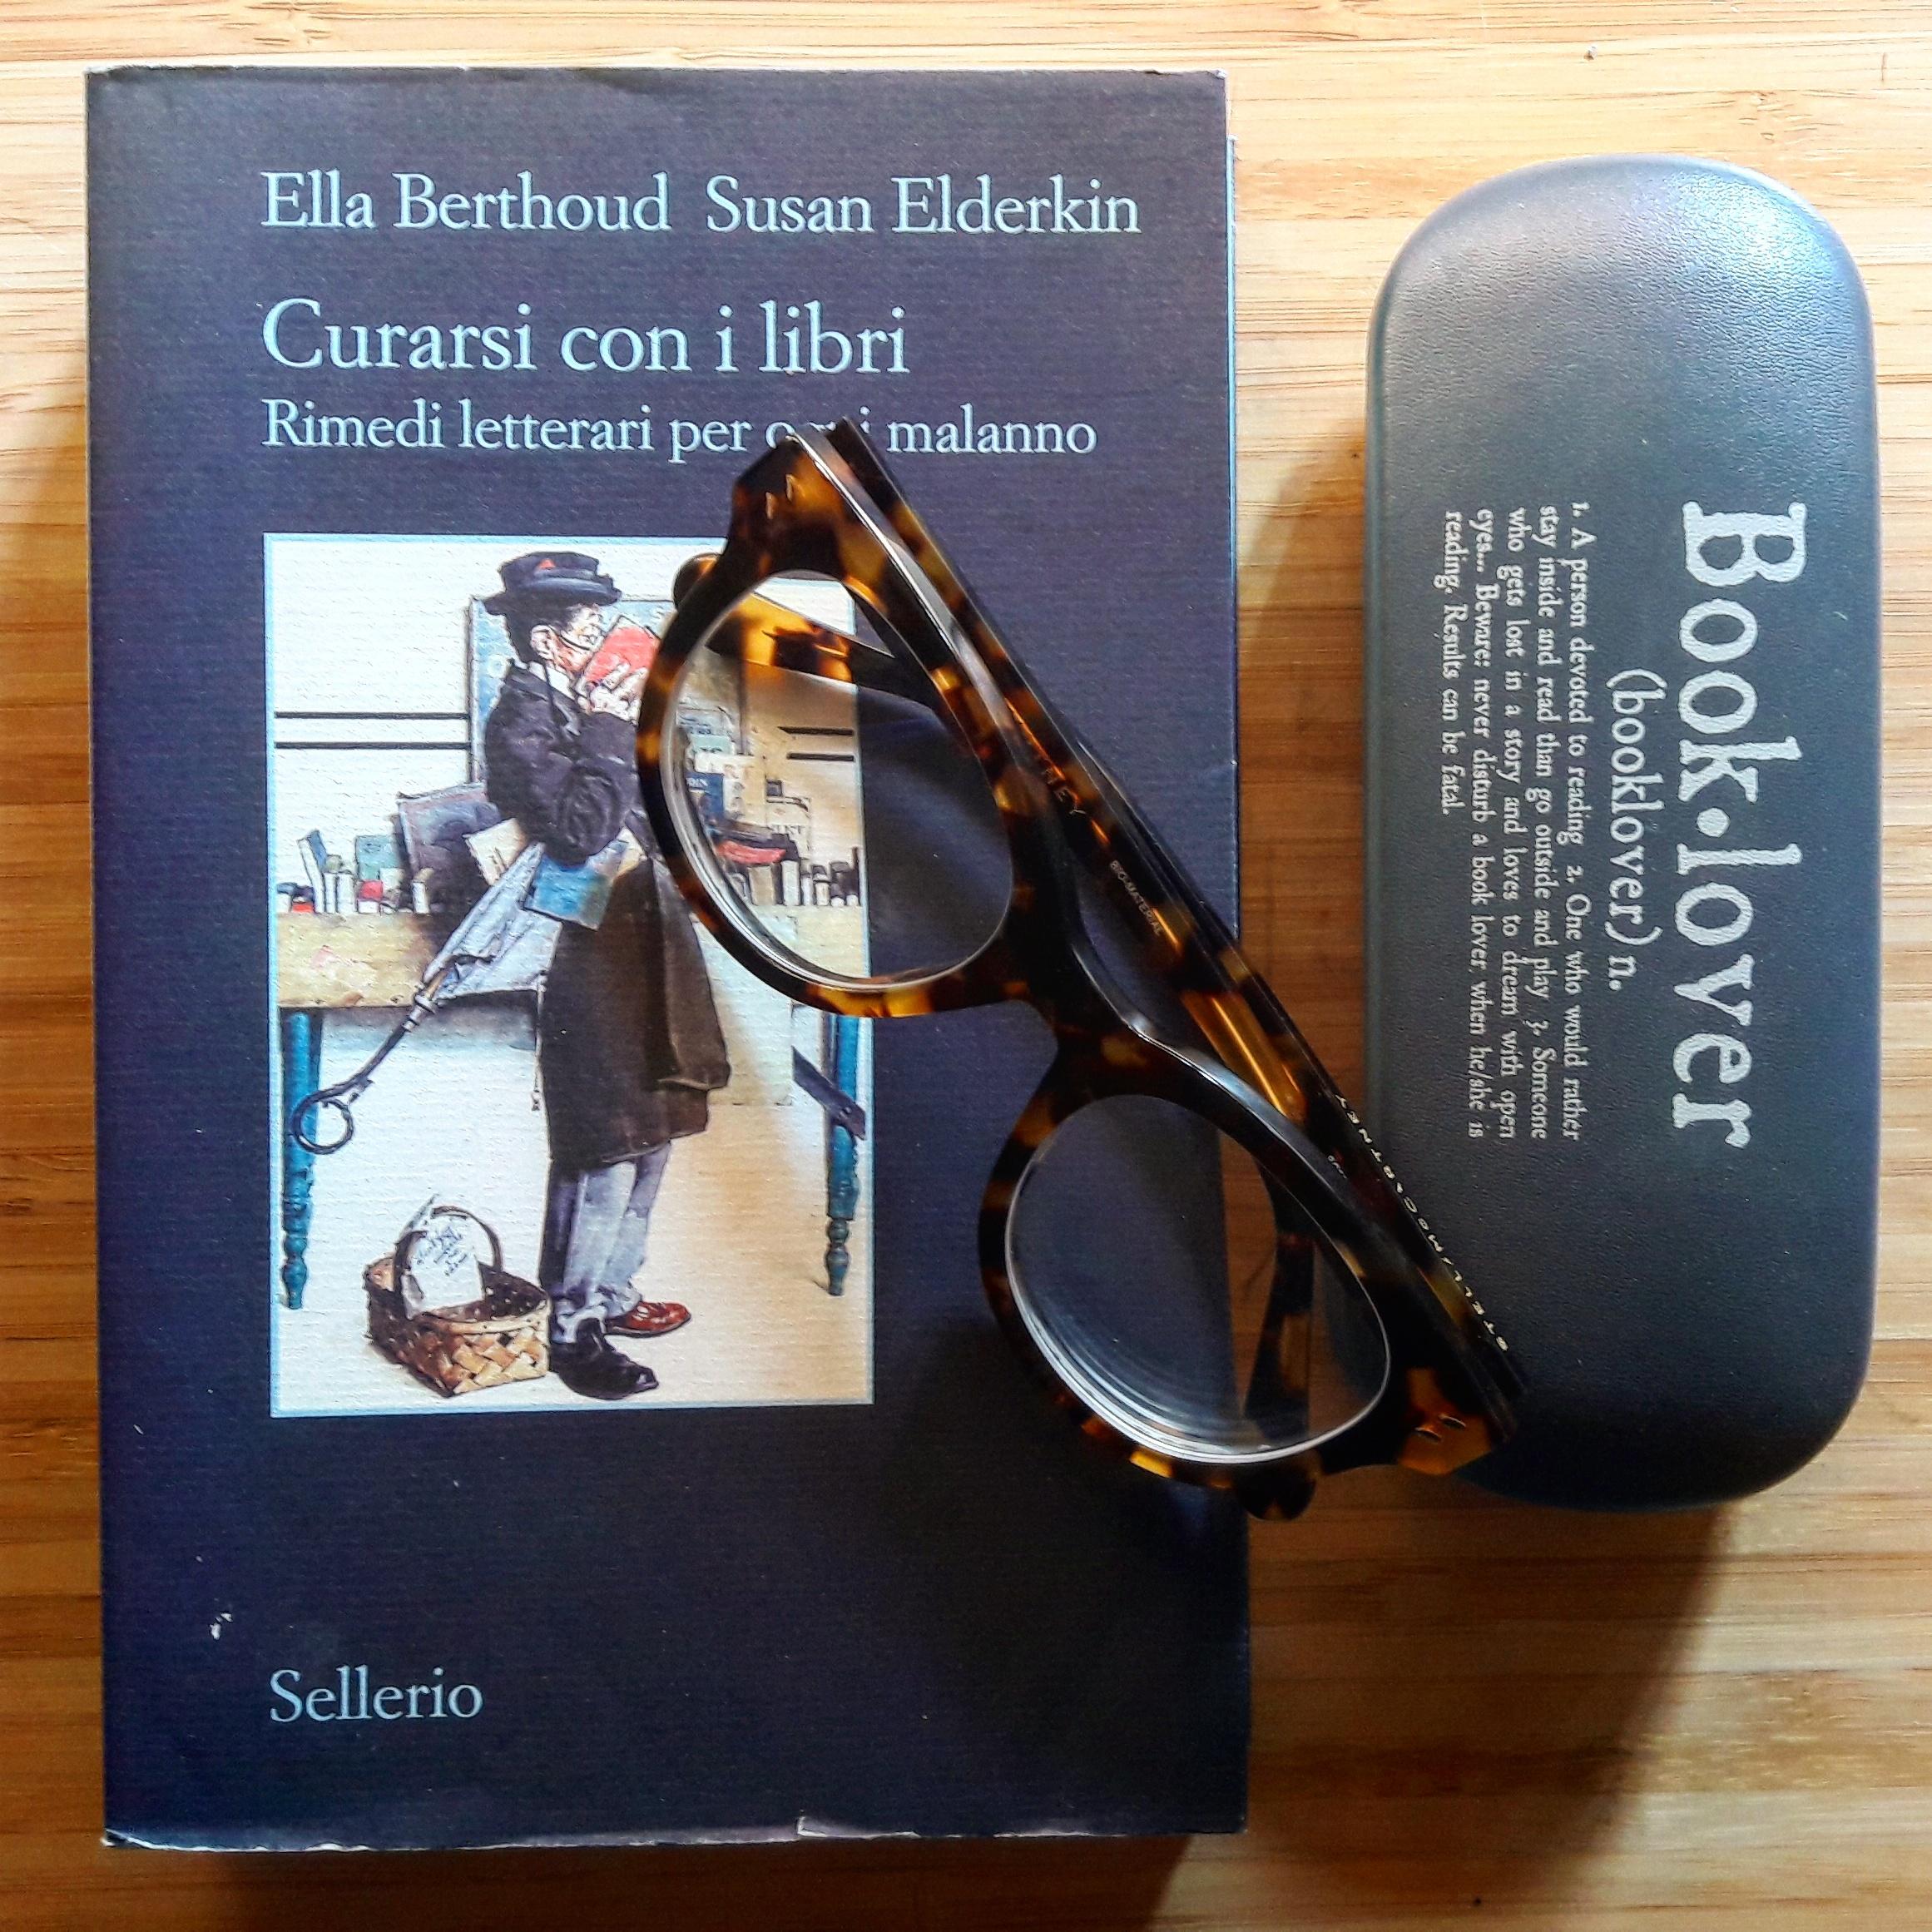 Curarsi con i libri. Rimedi letterari per ogni malanno,  Ella Berthoud e Susan Elderkin